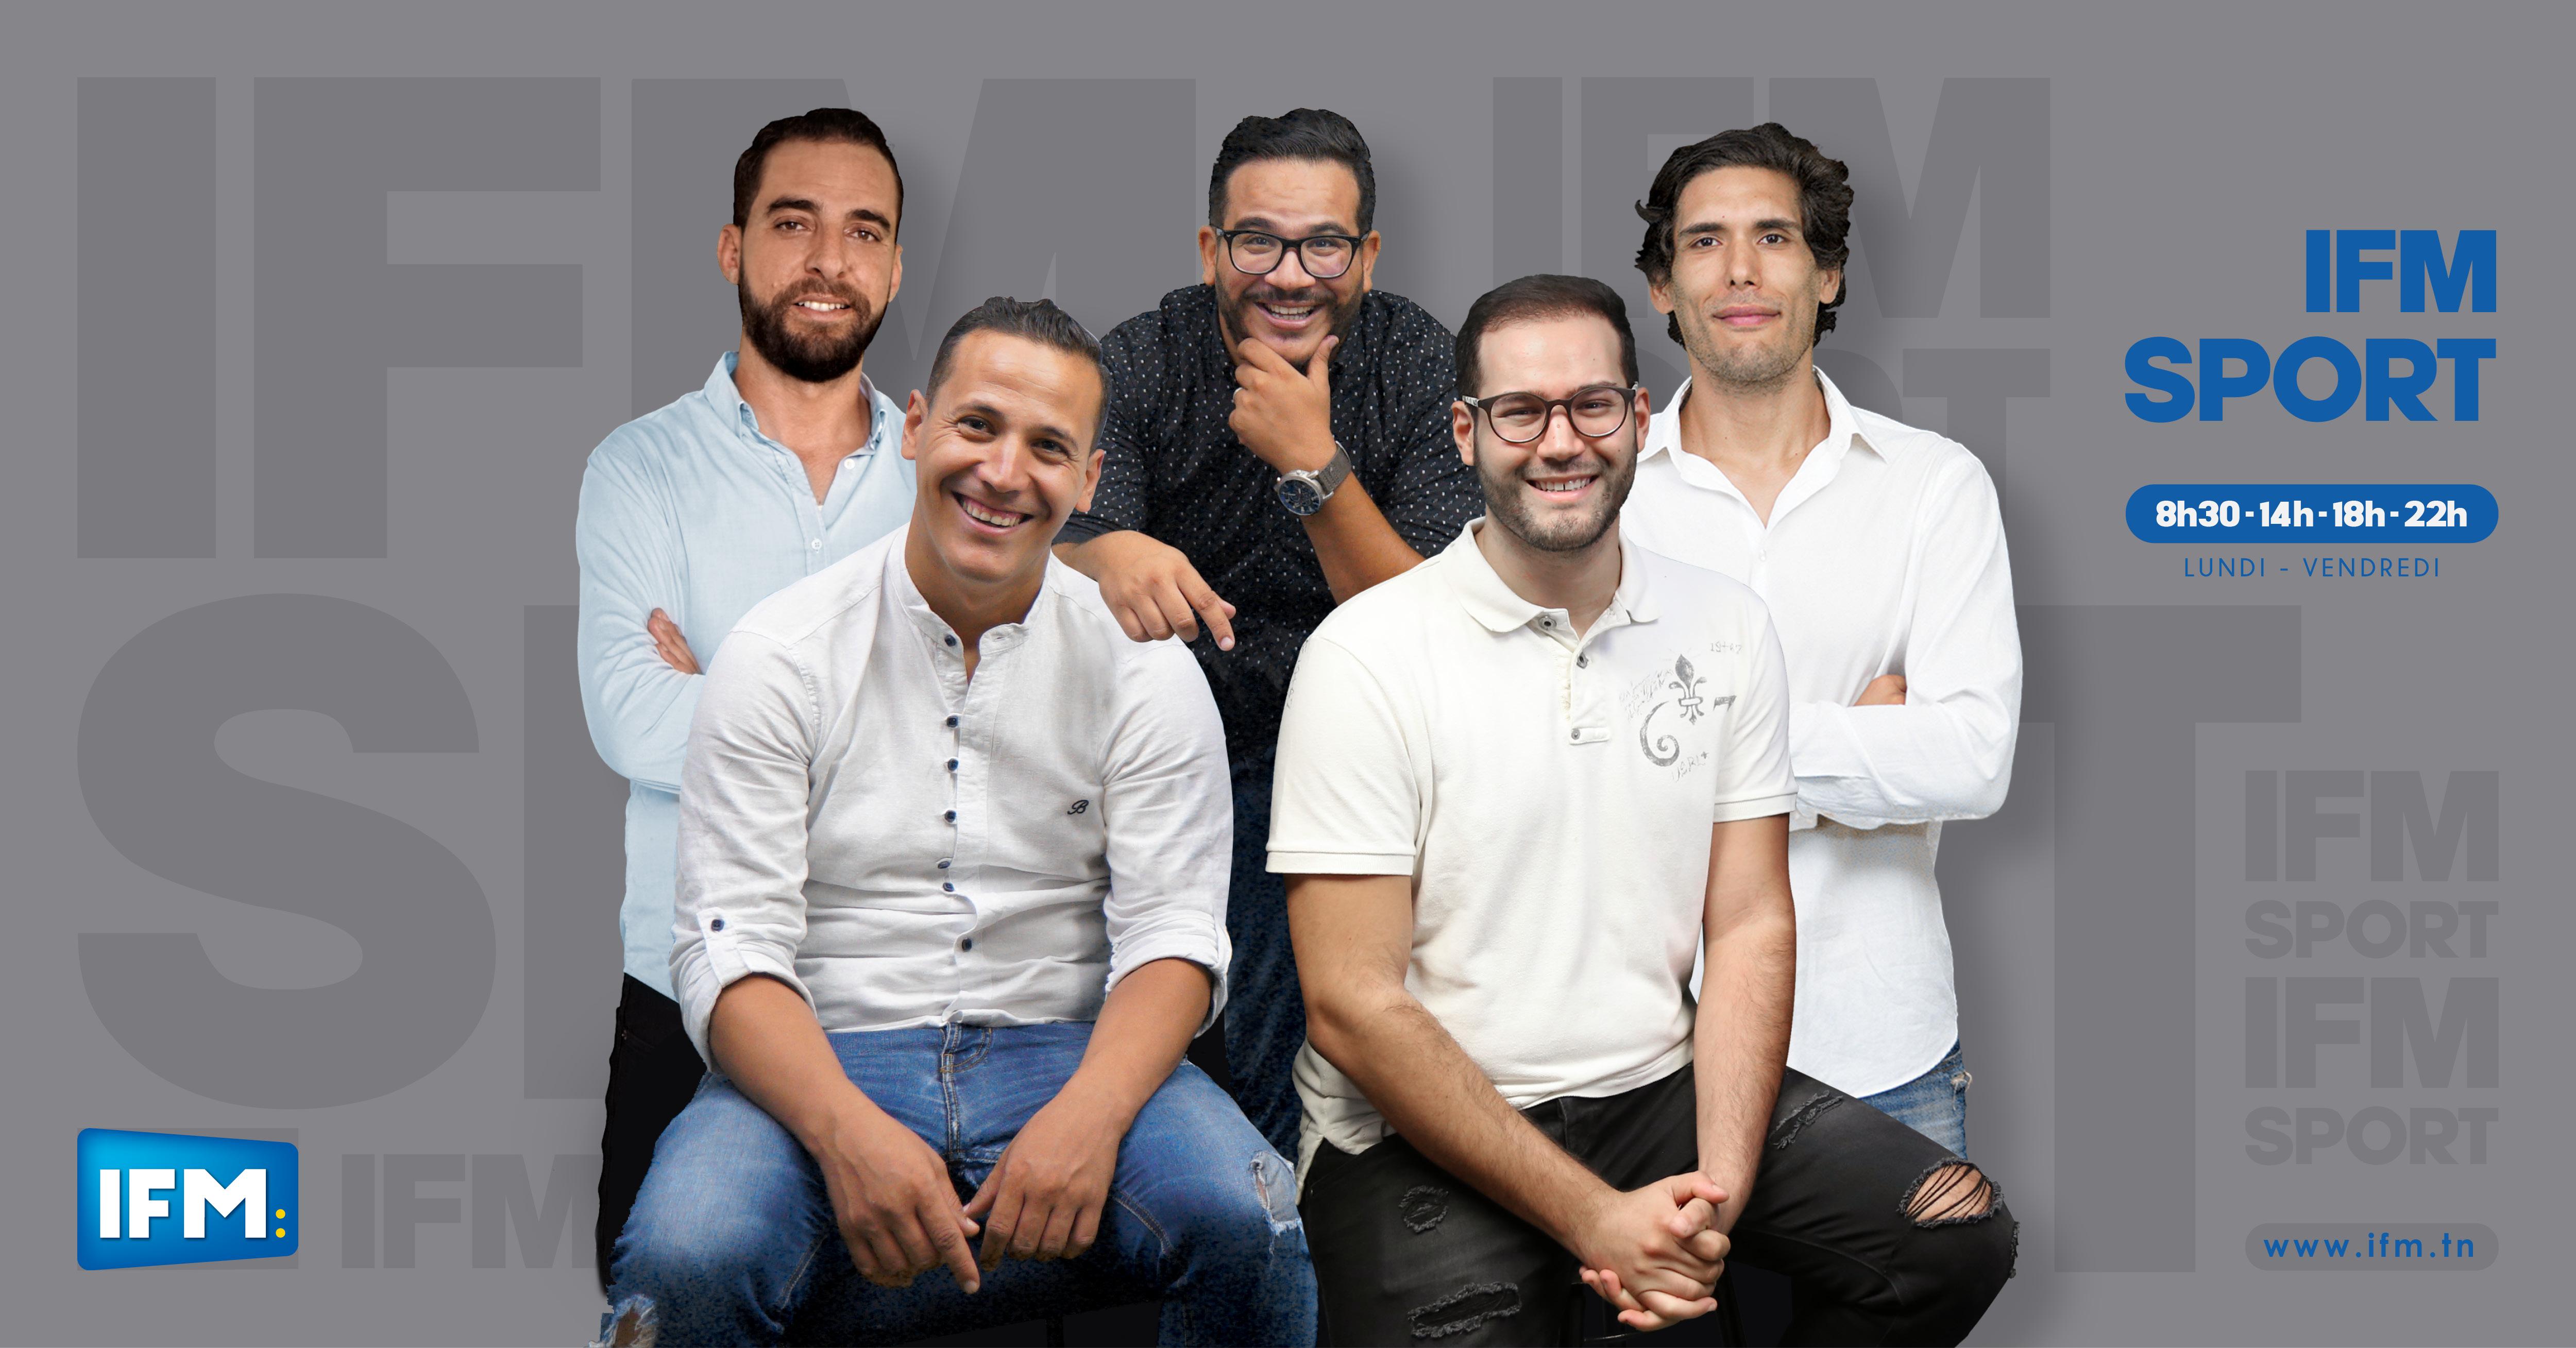 أخر النتائج الرياضية في تونس وخارج تونس لترجي الرياضي أفضل فريق إفريقي في العشرية الأخيرة فلاش سبورت